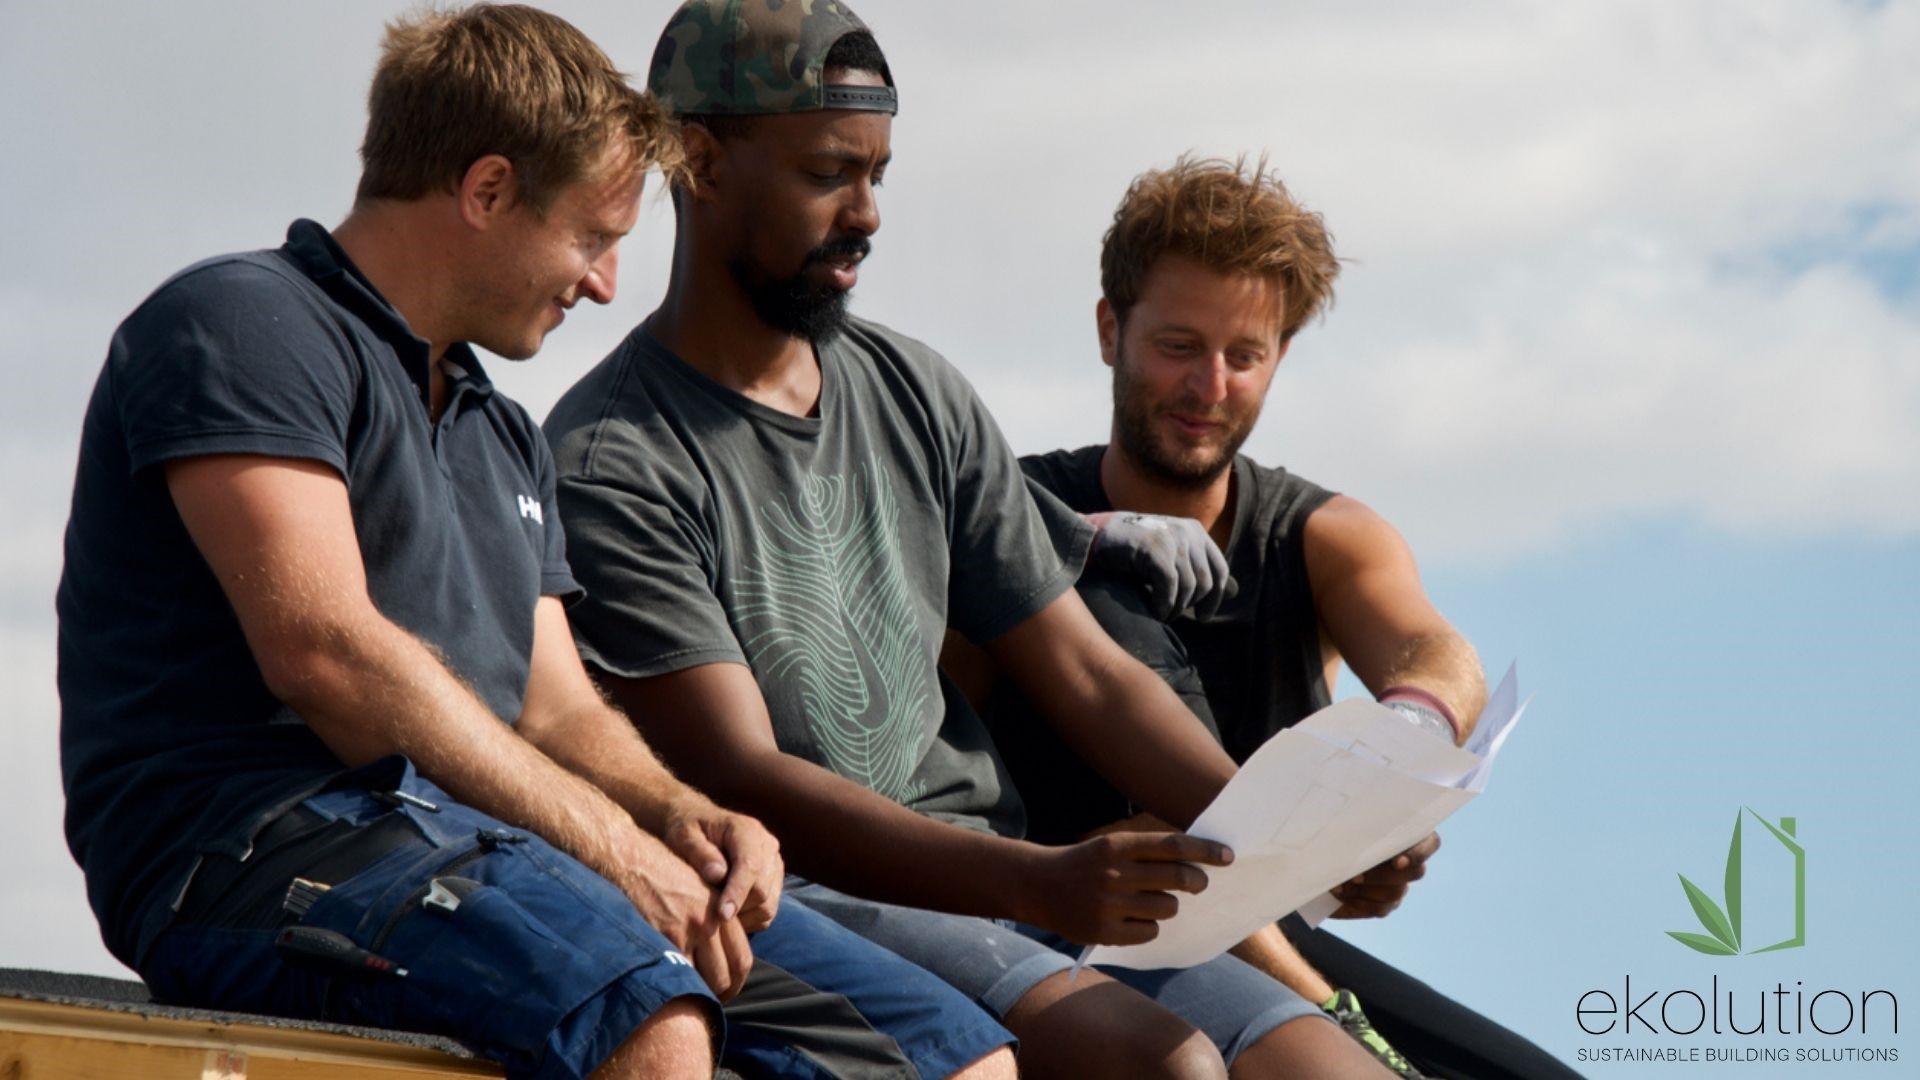 Henrik, Naib och Remi bildade år 2015 företaget Ekolution AB